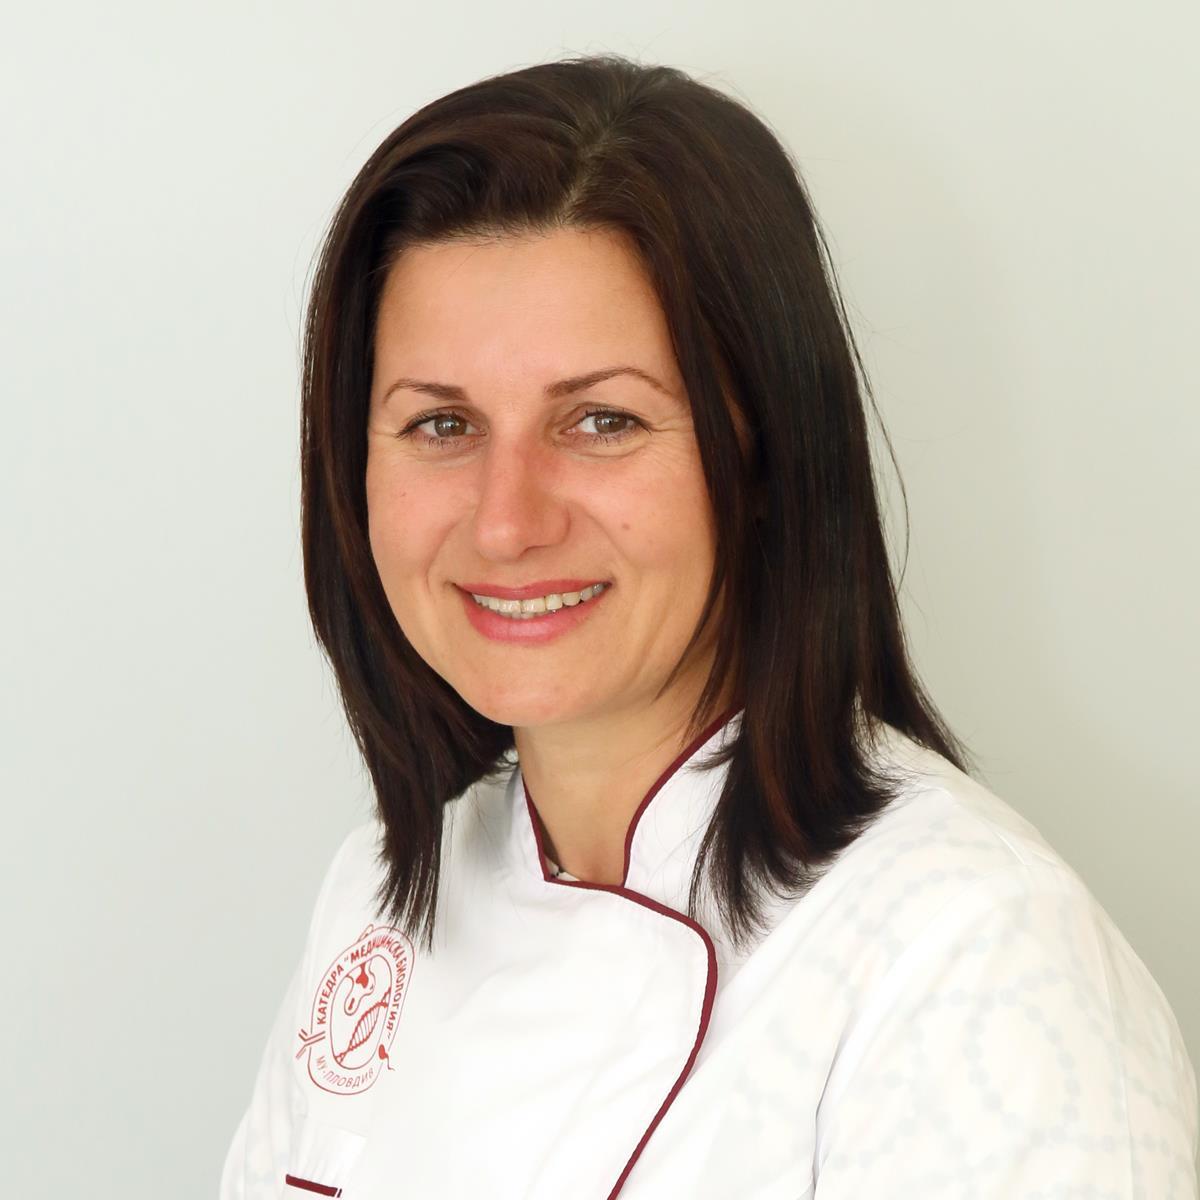 д-р Диана Моландер - докорант